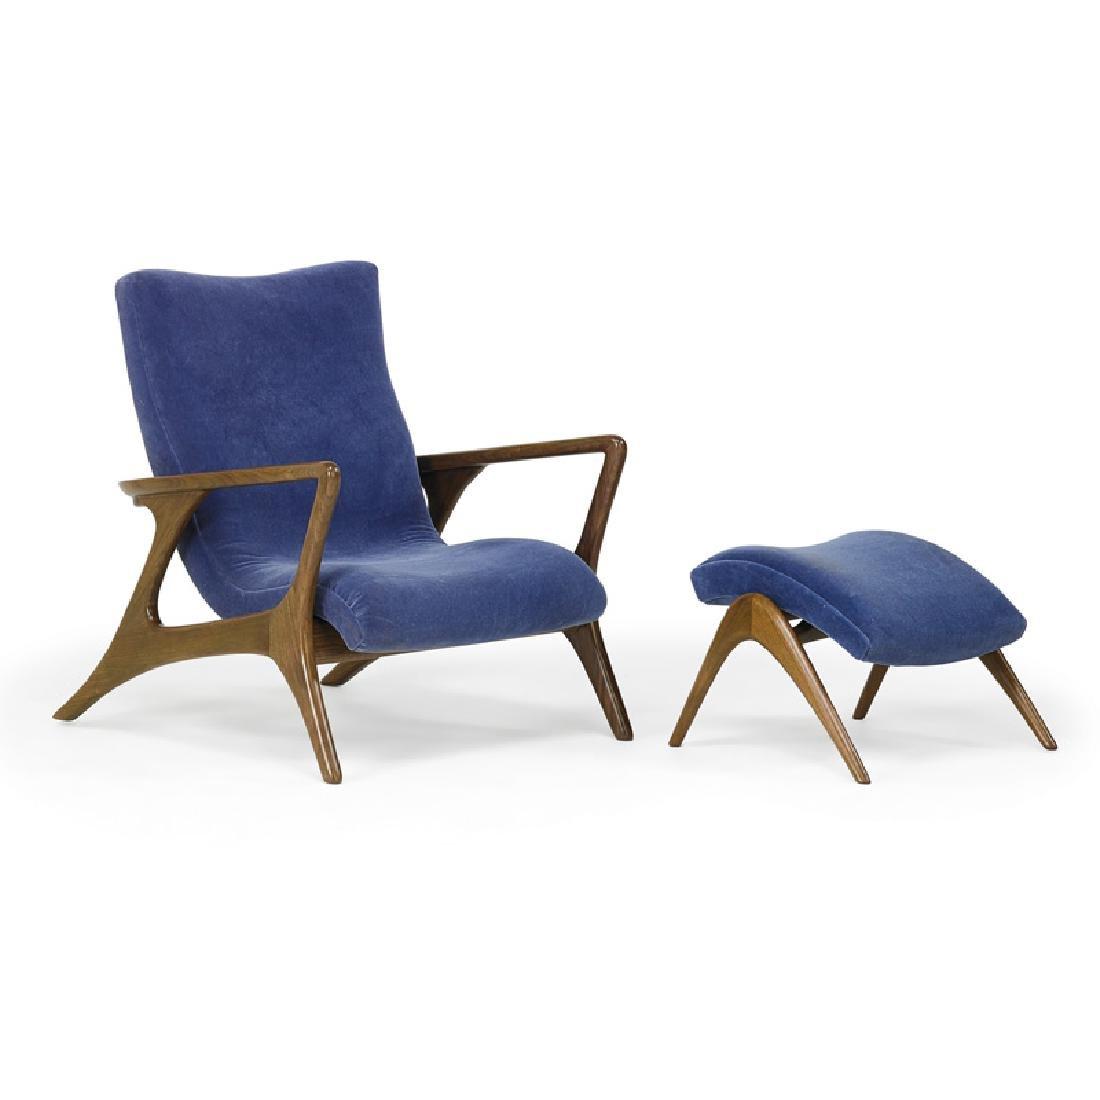 VLADIMIR KAGAN Contour lounge chair and ottoman